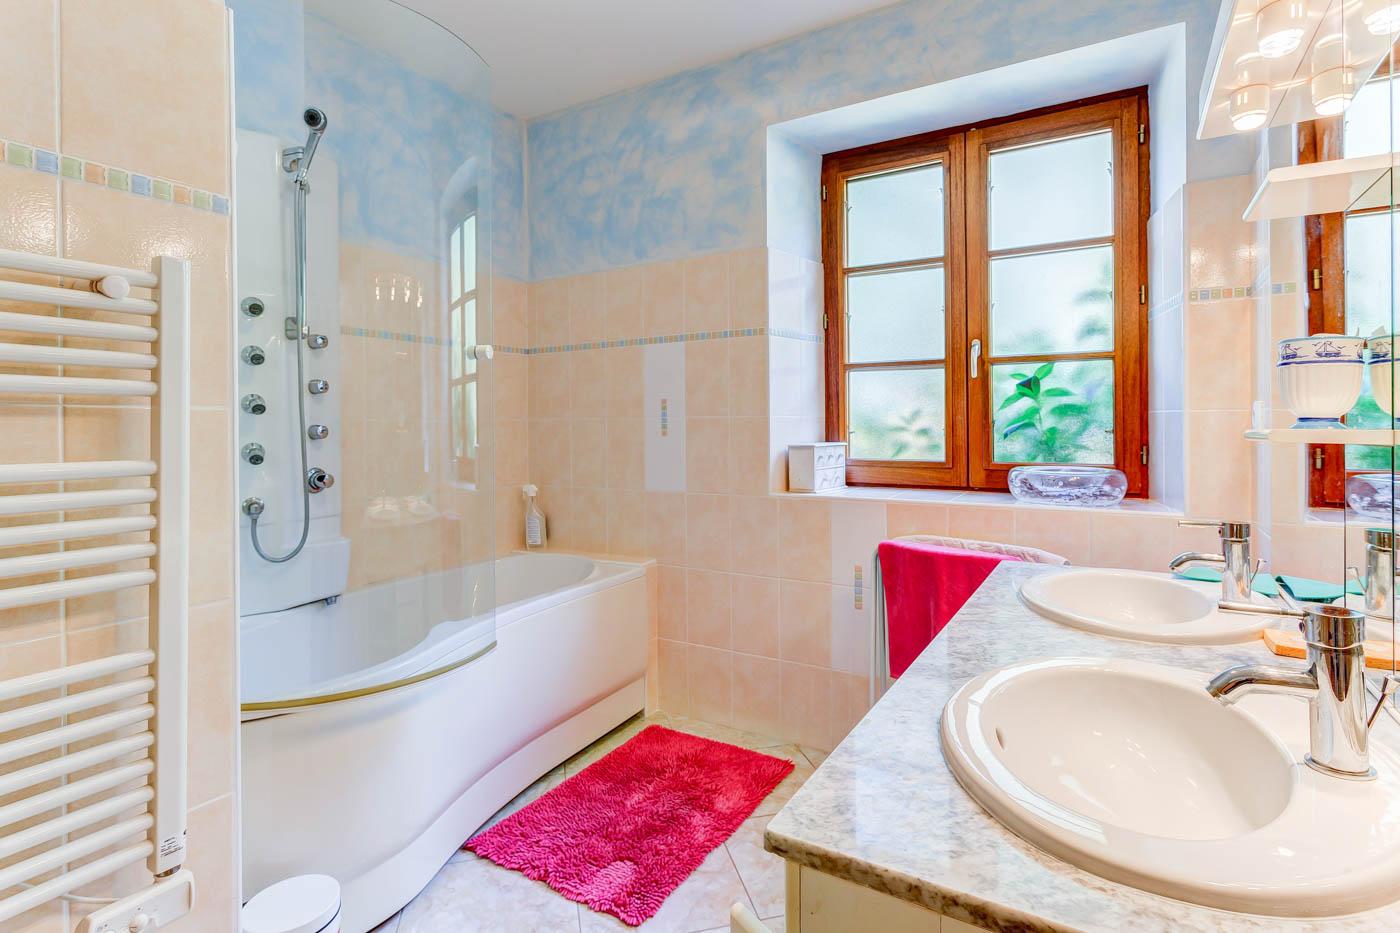 Maison-Vacances-le-Losthe-salle-de-bains